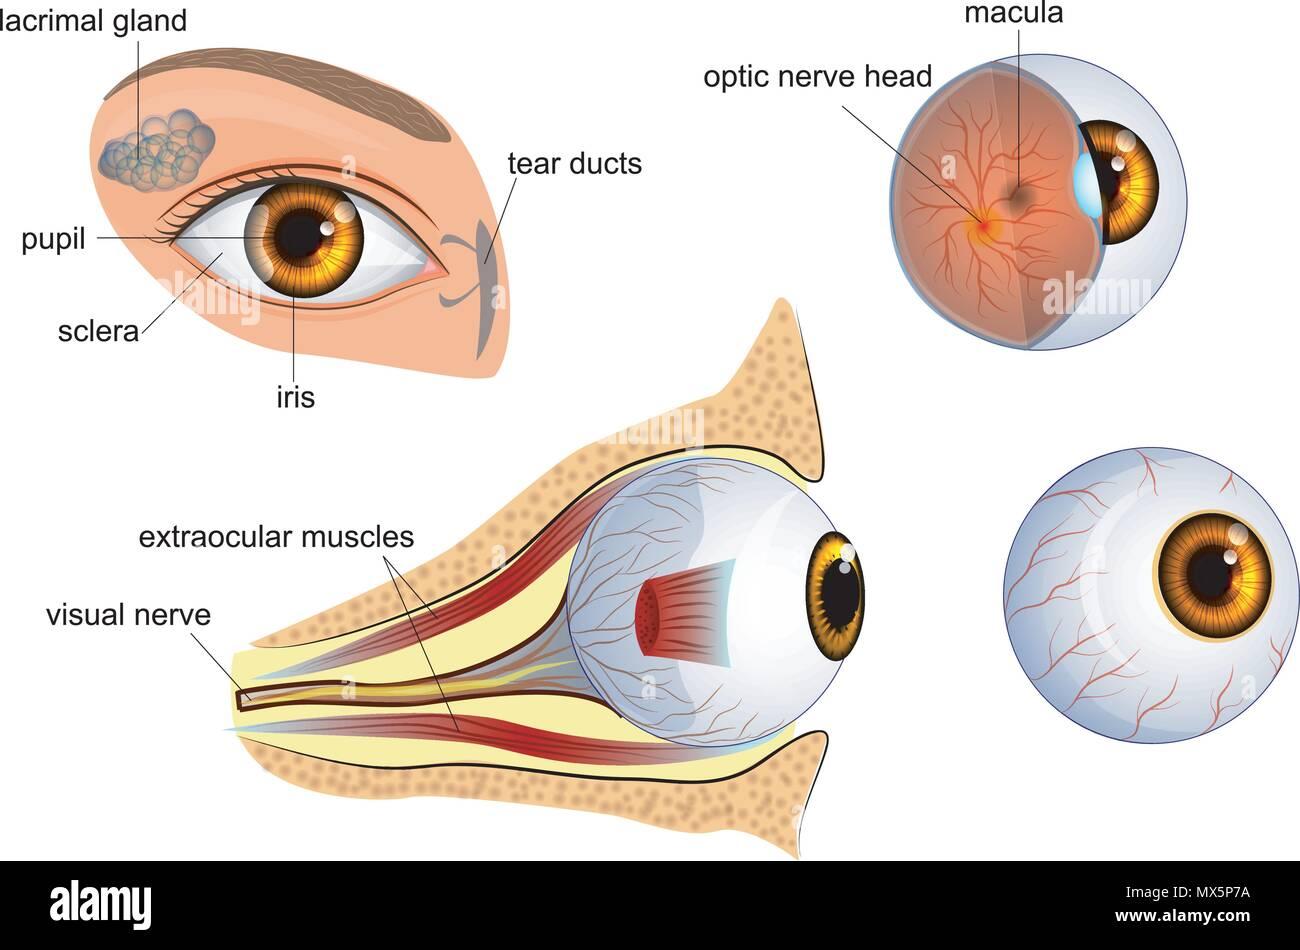 Niedlich Fundus Des Auges Anatomie Fotos - Anatomie Ideen - finotti.info